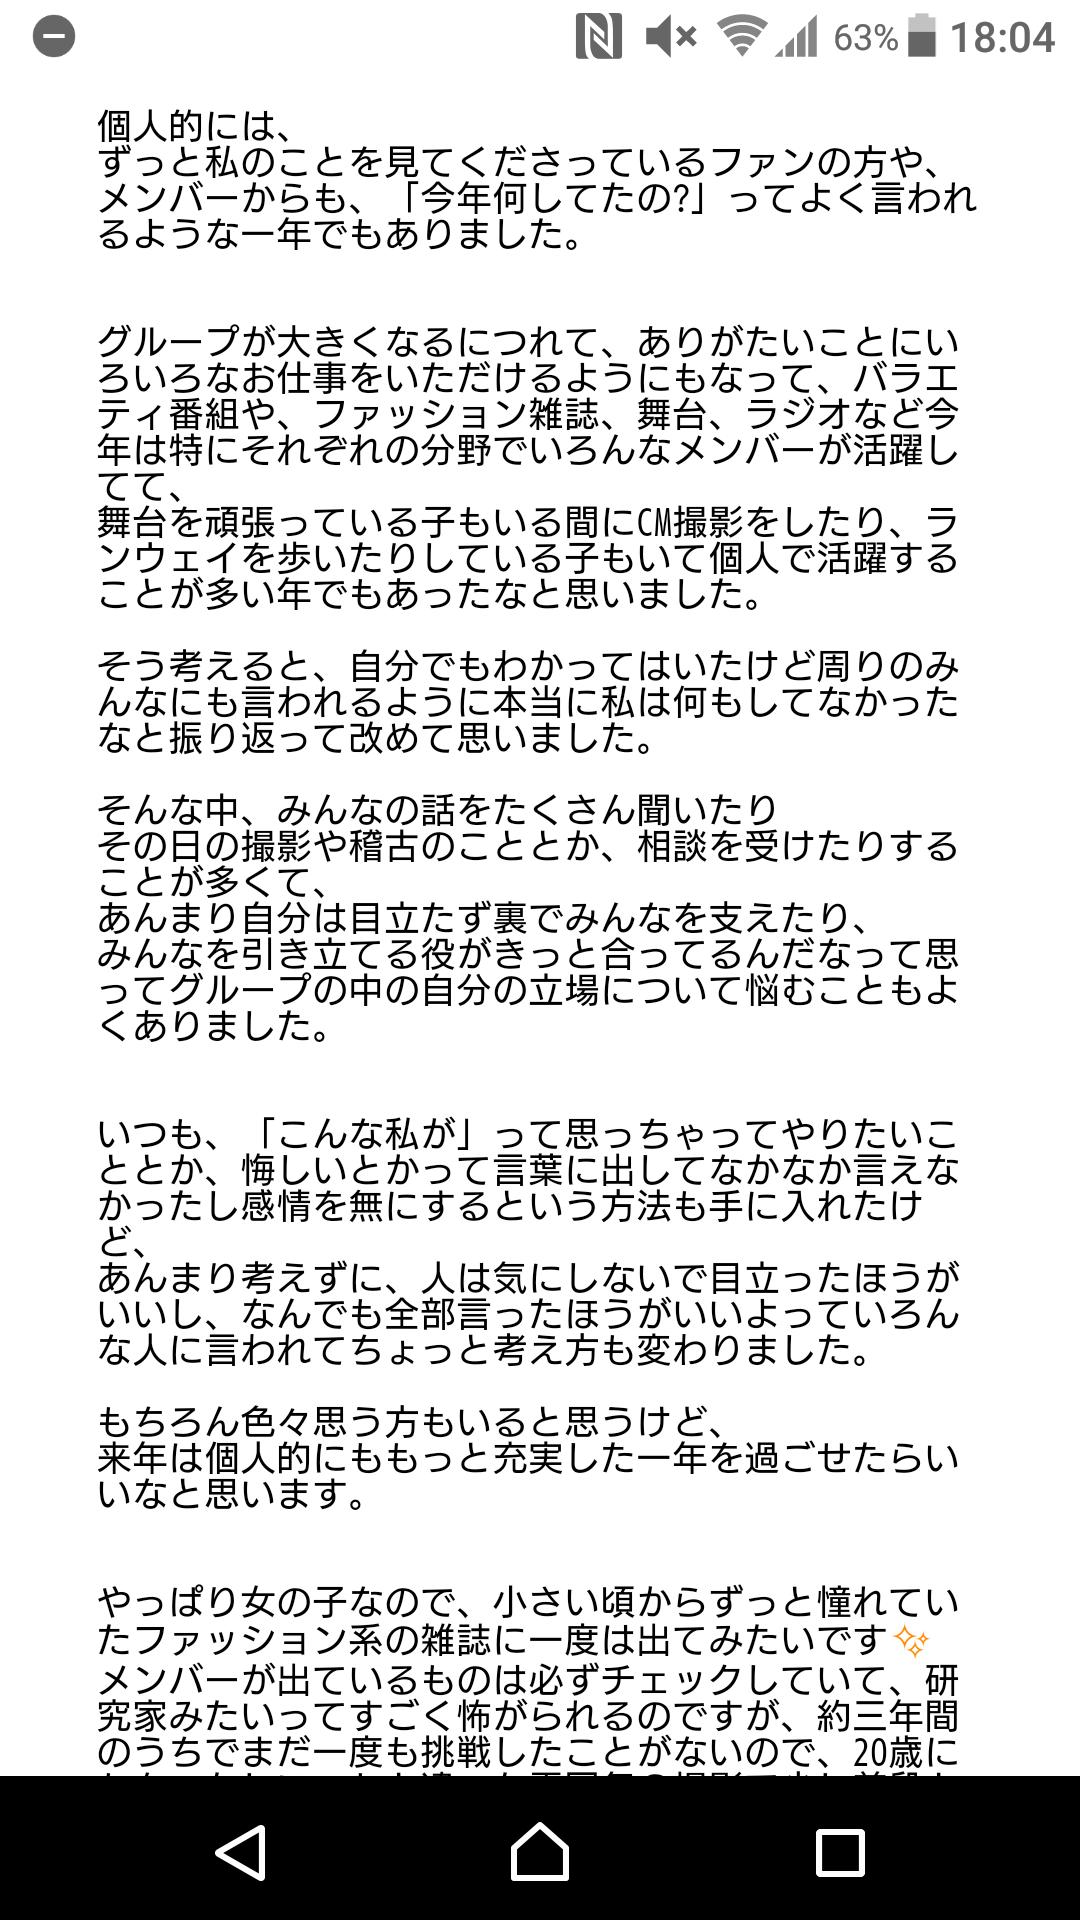 けやき坂46高瀬愛奈ブログ「2018年ありがとう」